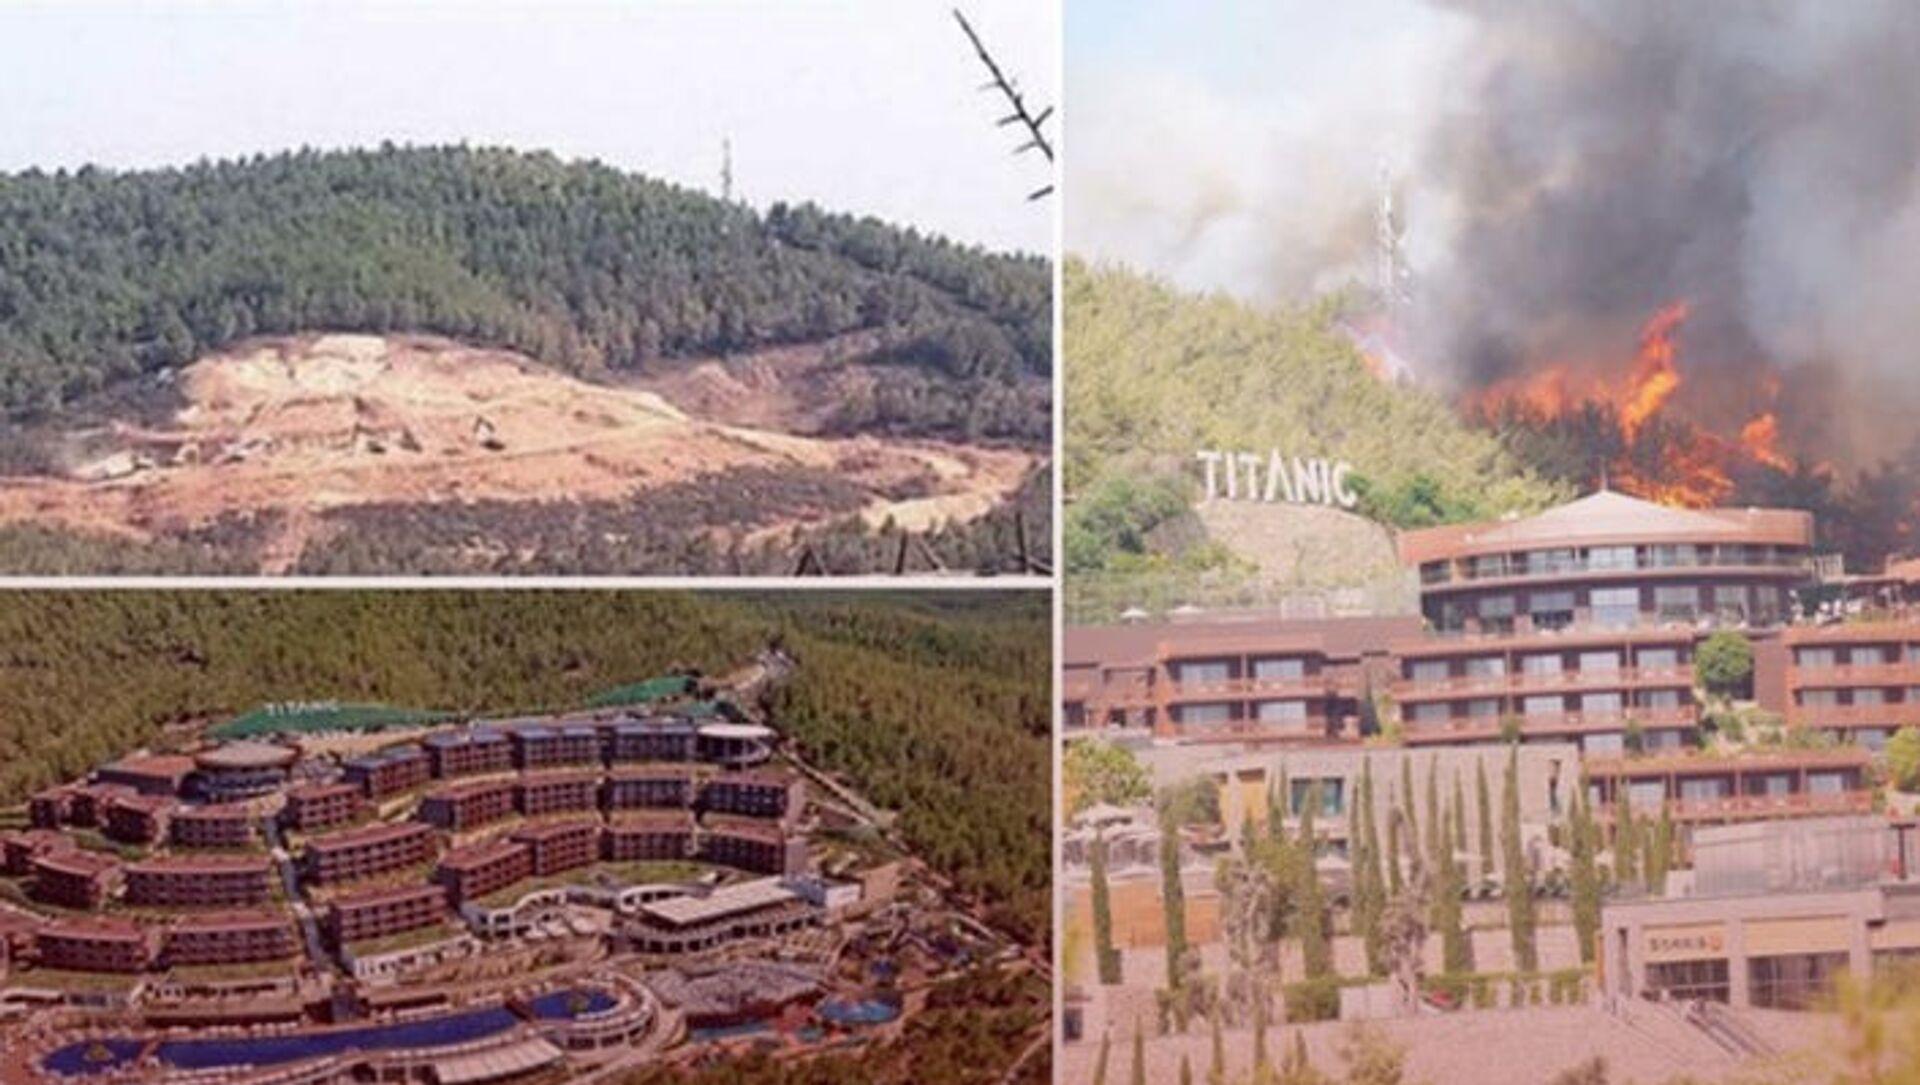 Çıkan yangında yanan ağaçların yerine dikilen otel, yangın nedeniyle tahliye edildi - Sputnik Türkiye, 1920, 29.07.2021